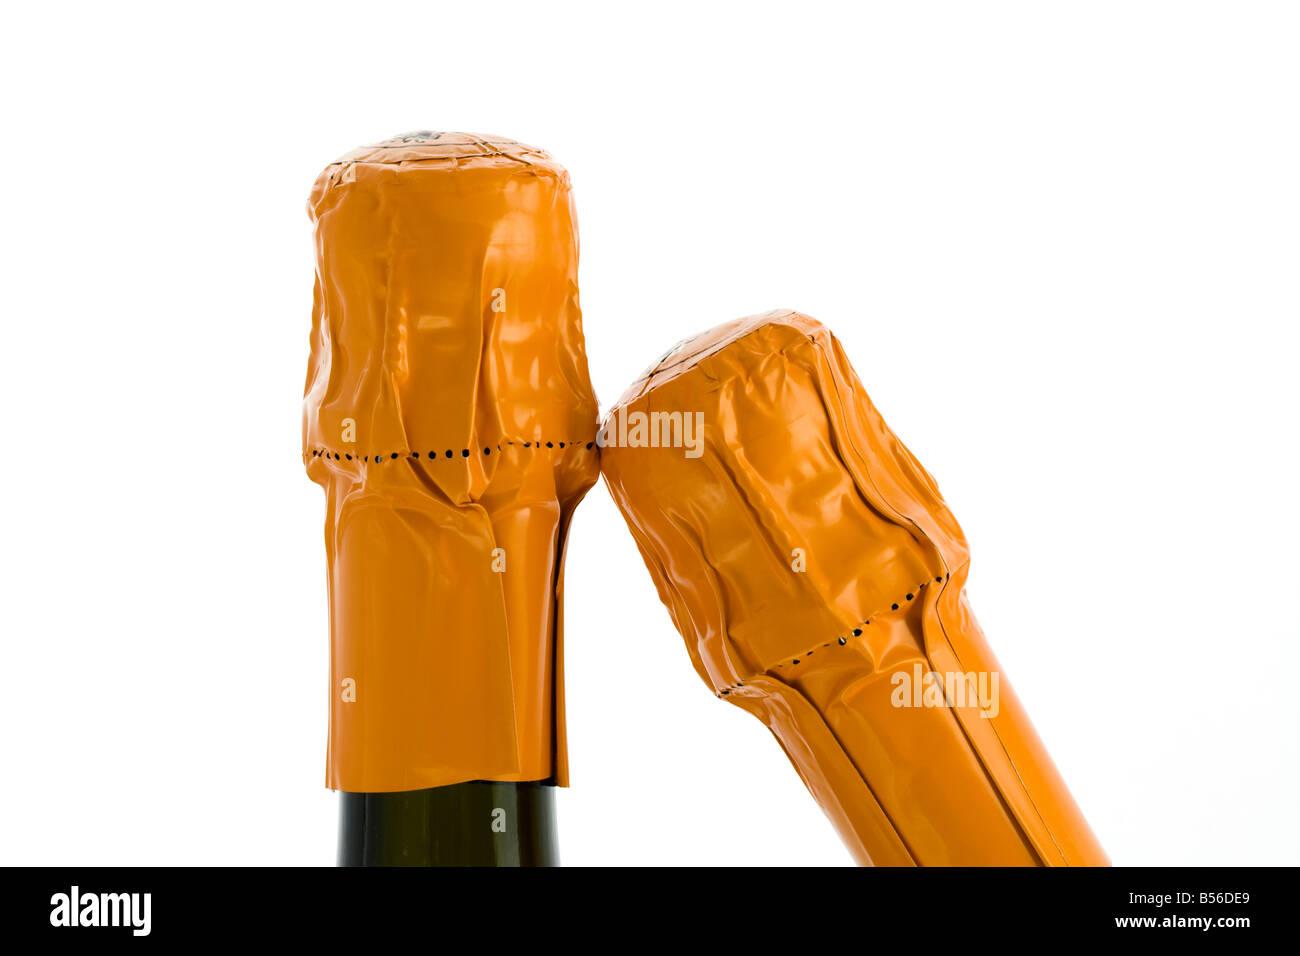 Champagne bottlenecks - Stock Image